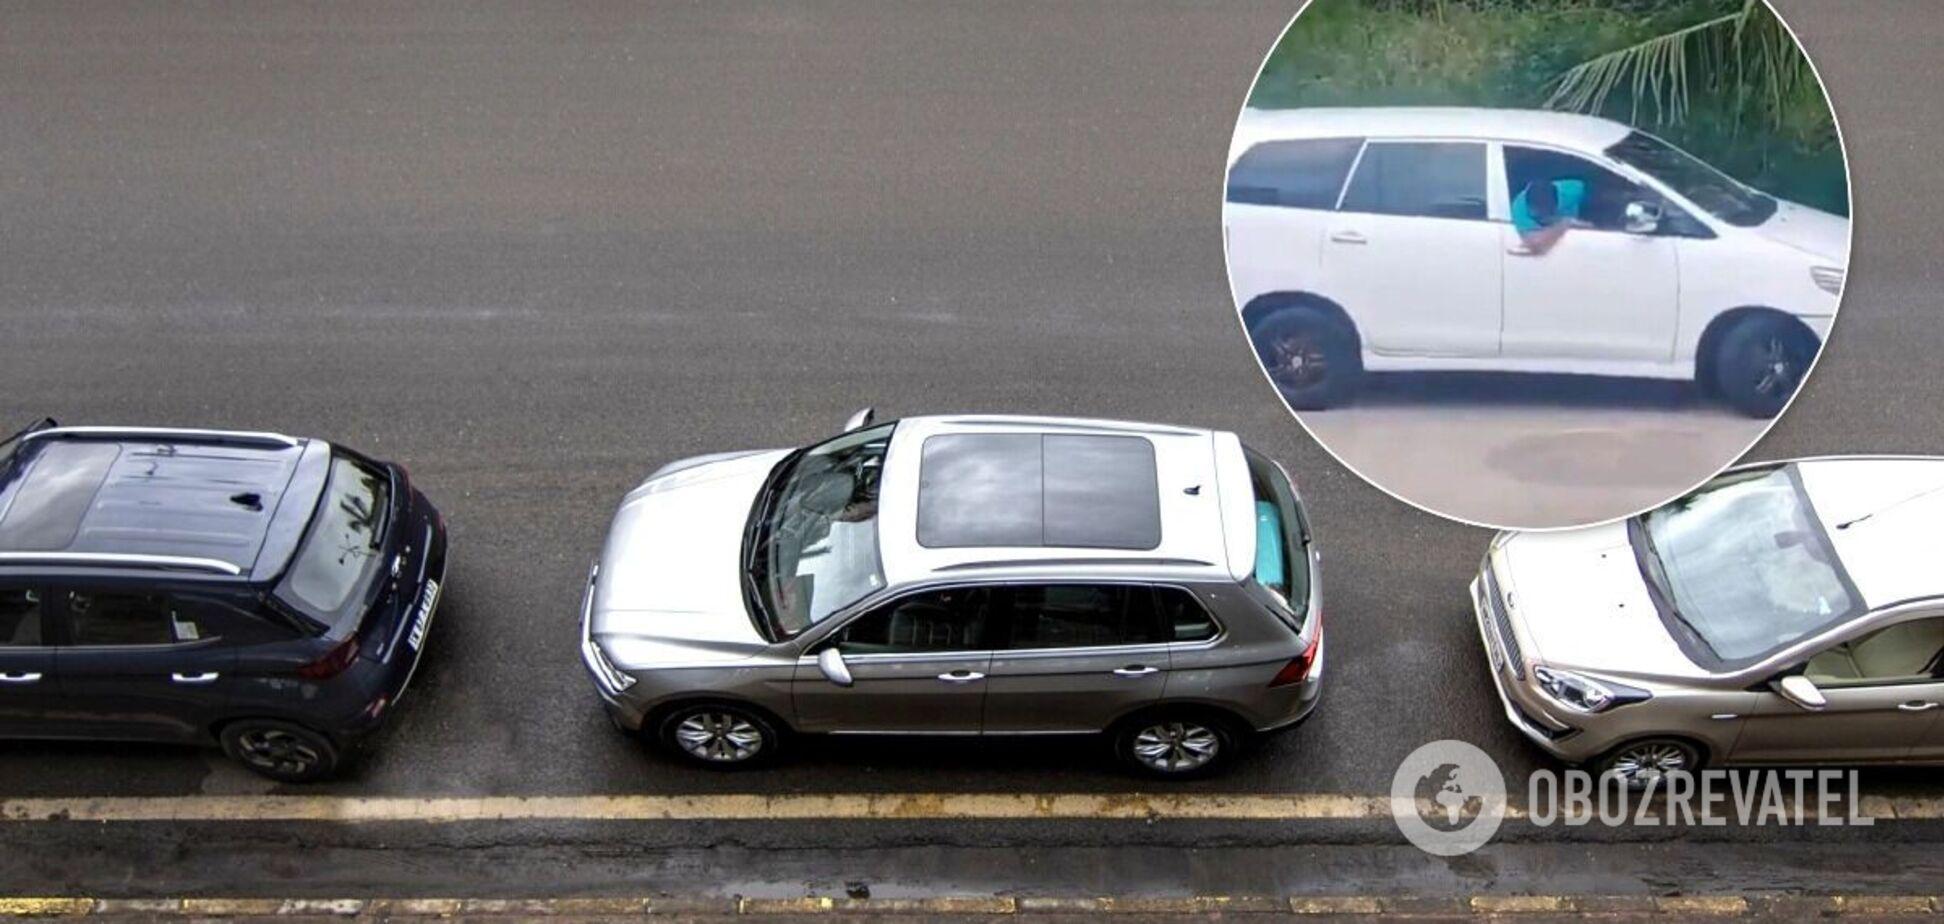 Звичайний водій показав верх майстерності паралельного паркування